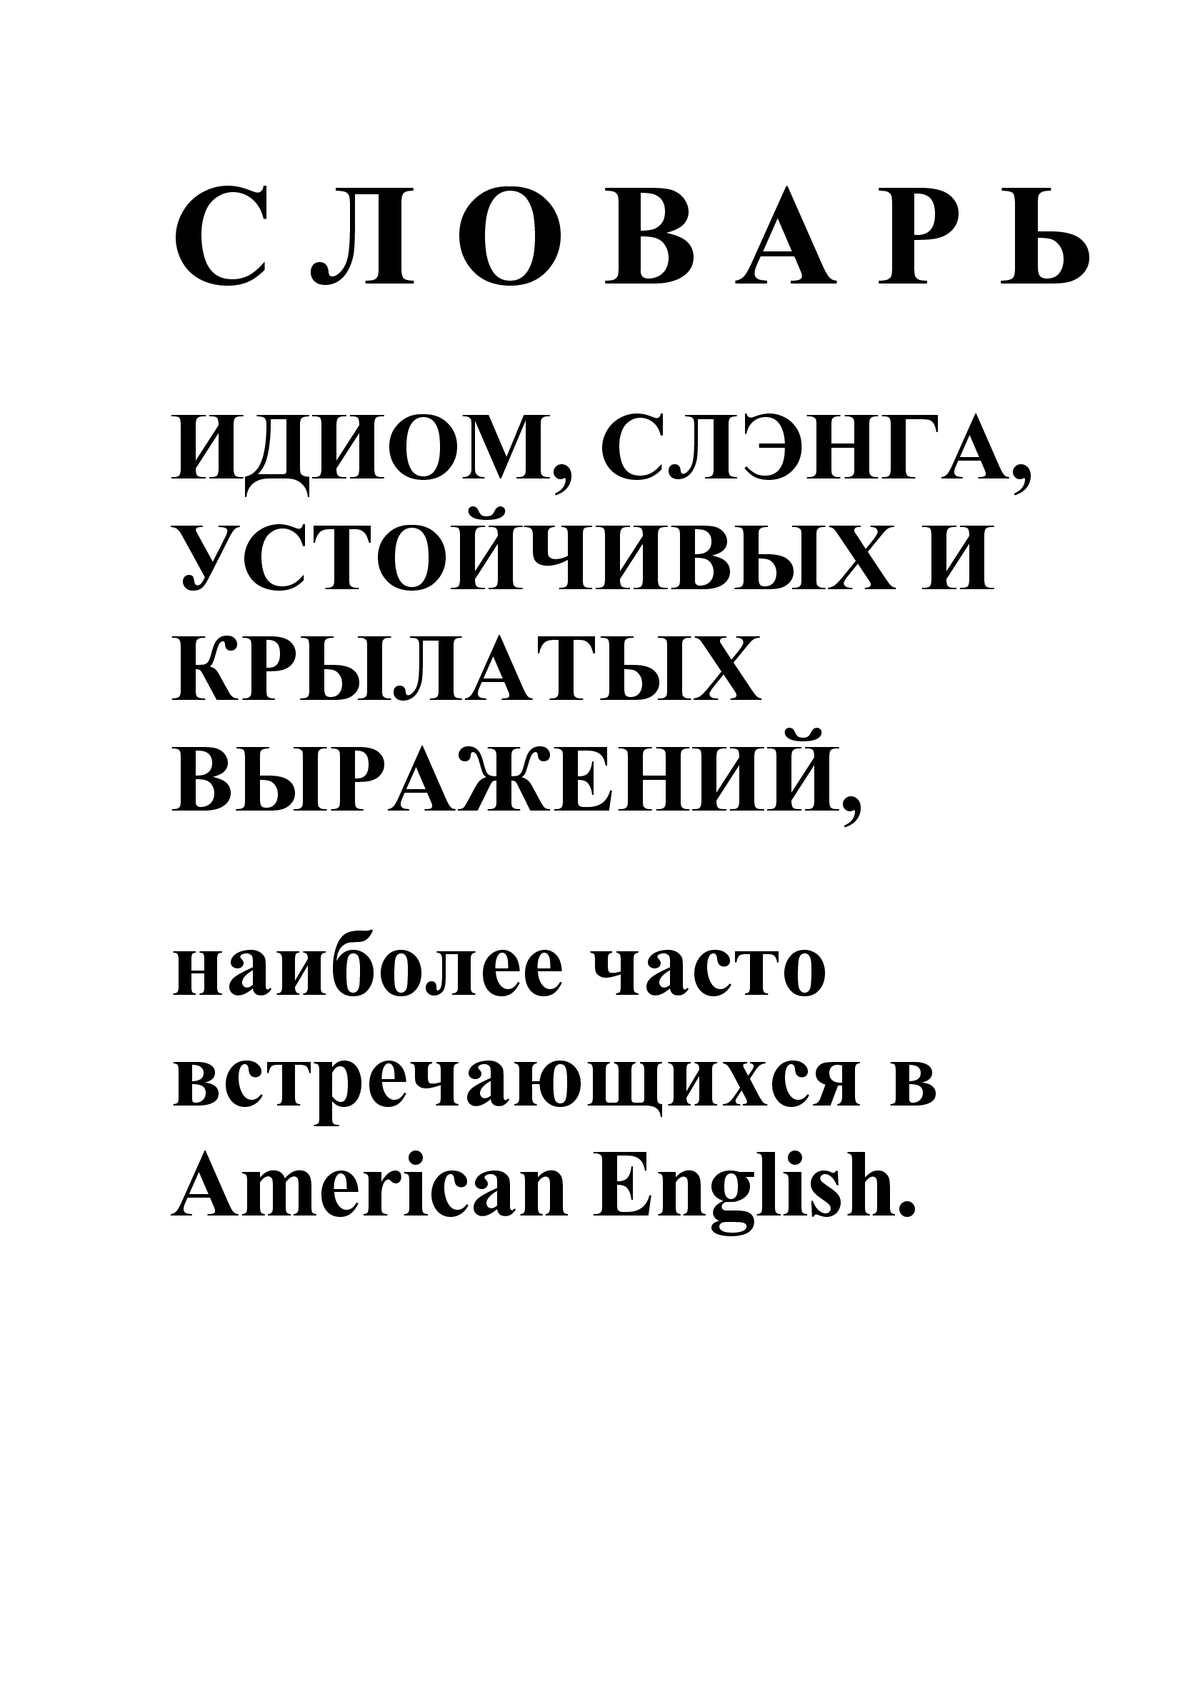 Термины футбольные и их значение. футбольные термины на английском с переводом на русский. словарь футбольных терминов